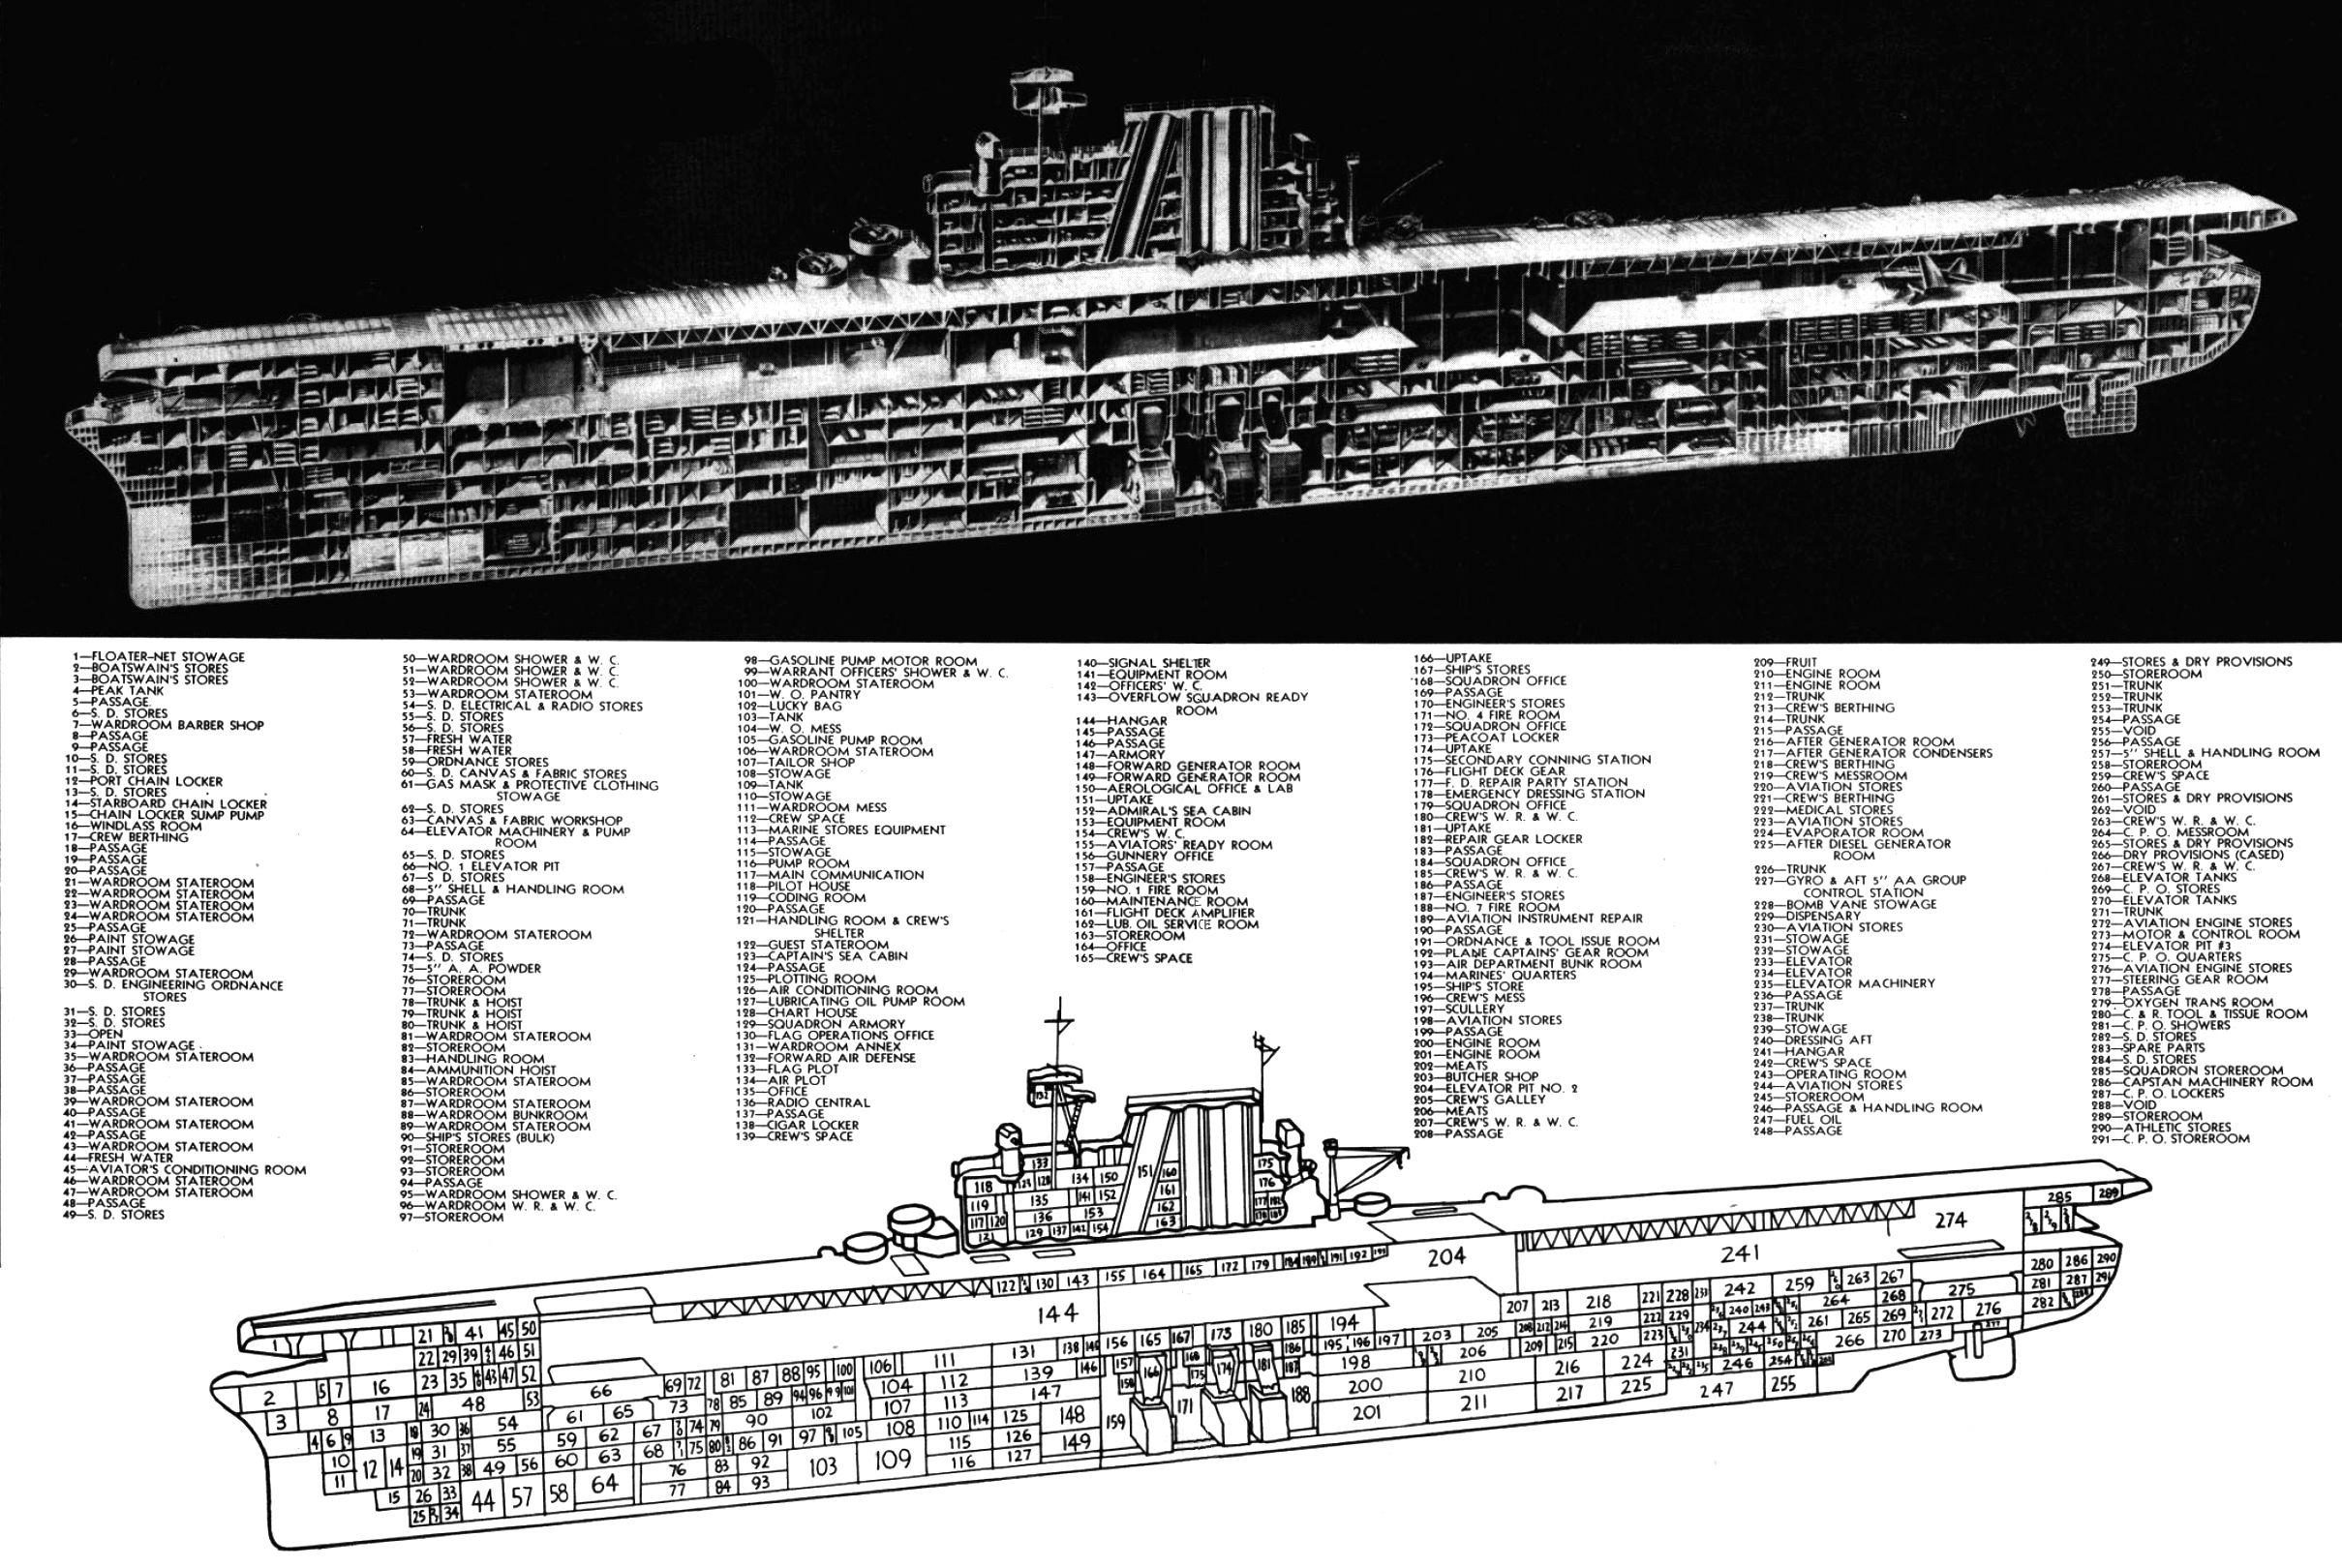 Aircraft Carrier Wwii Cutaway Drawing Pesquisa Google Modele Pinterest Aircraft Carrier